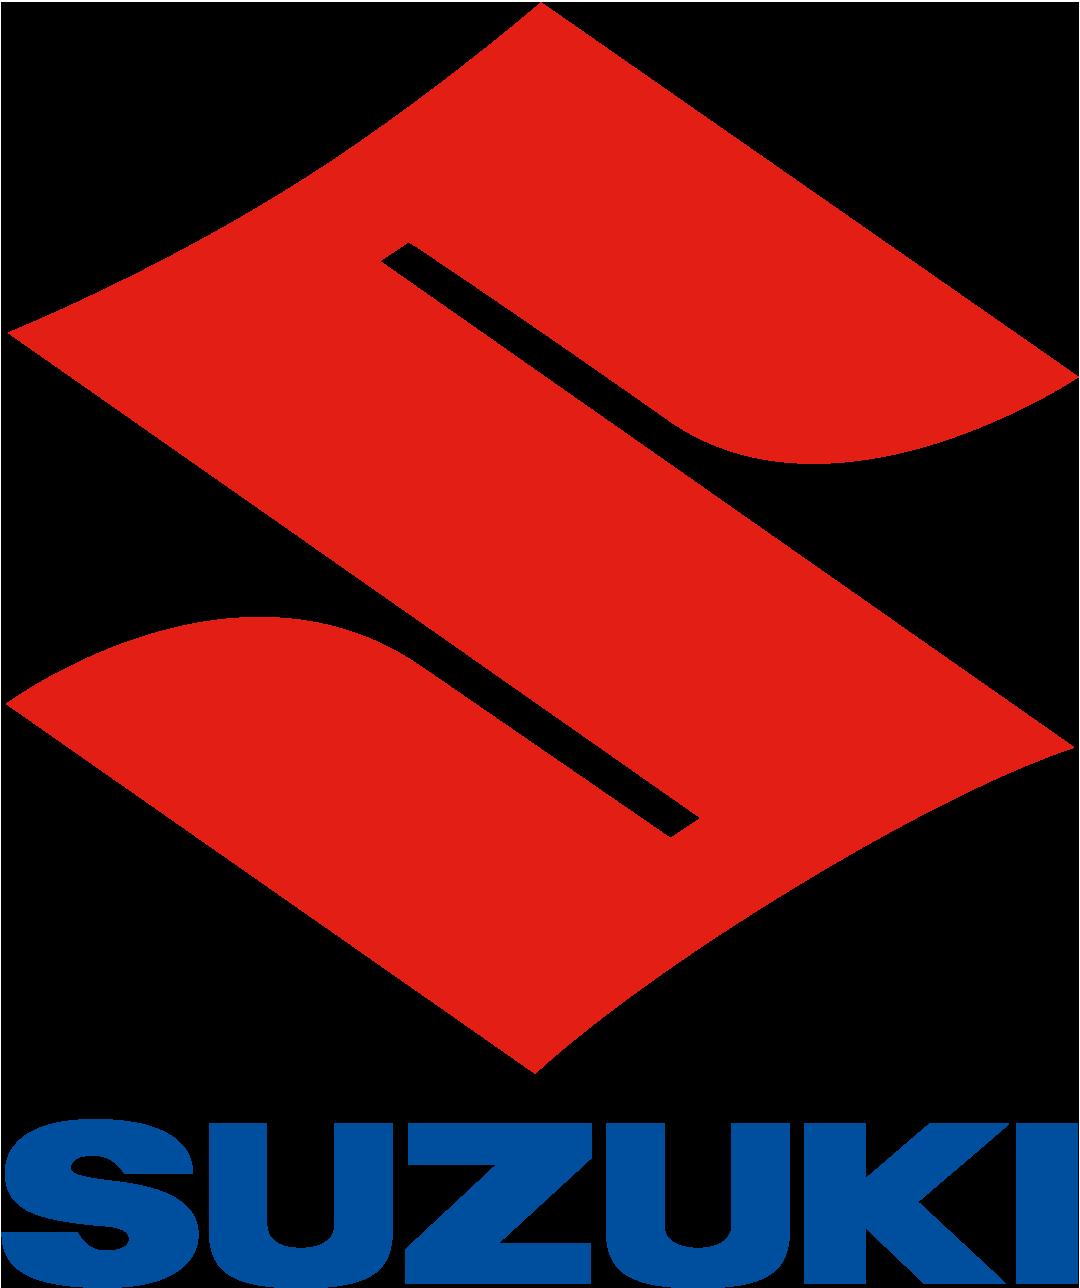 Suzuki: scopri tutte le auto ibridi o elettriche di Suzuki